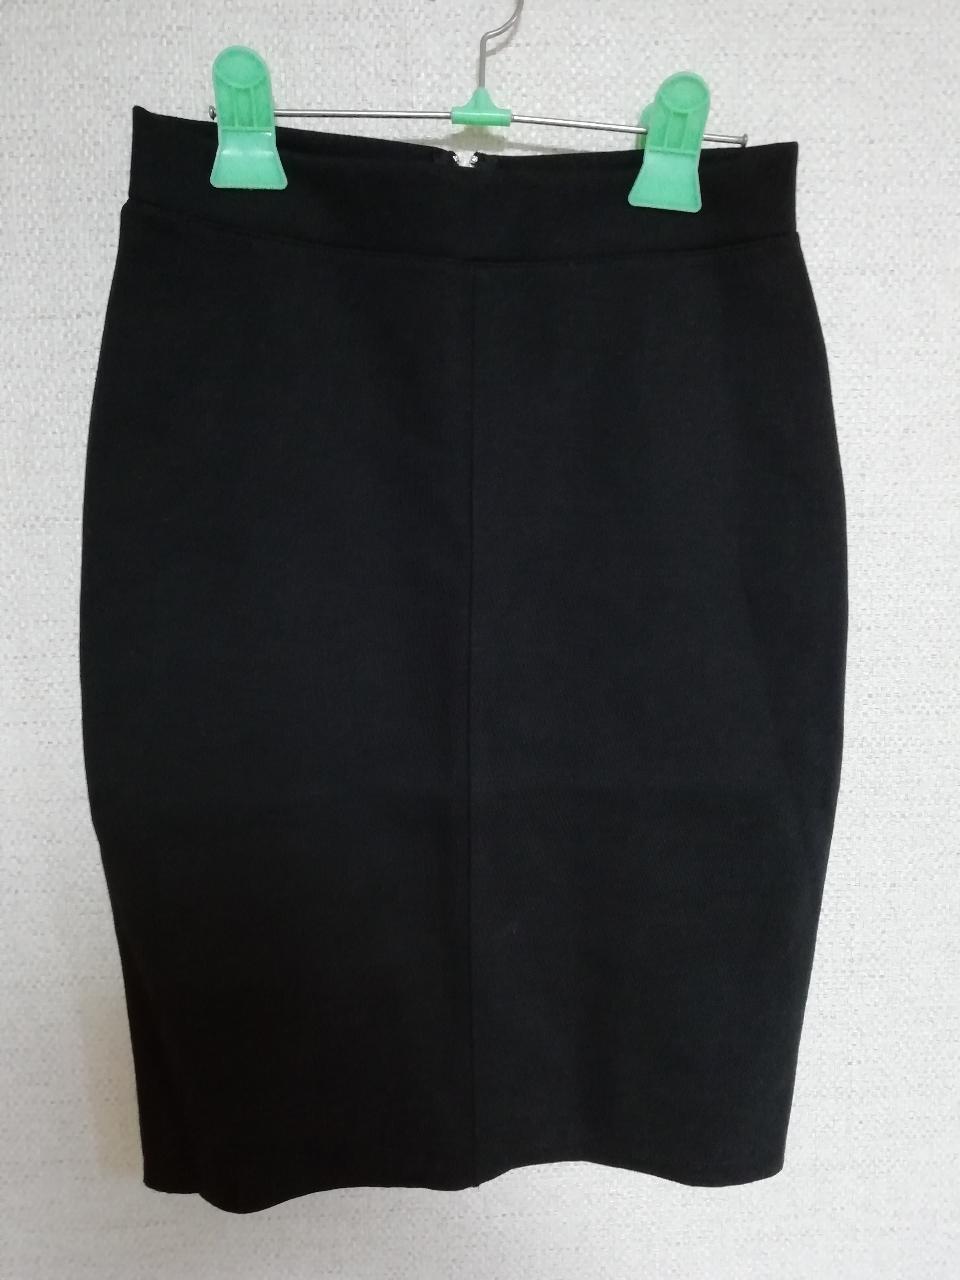 ★새옷★ 탑텐 치마 판매합니다